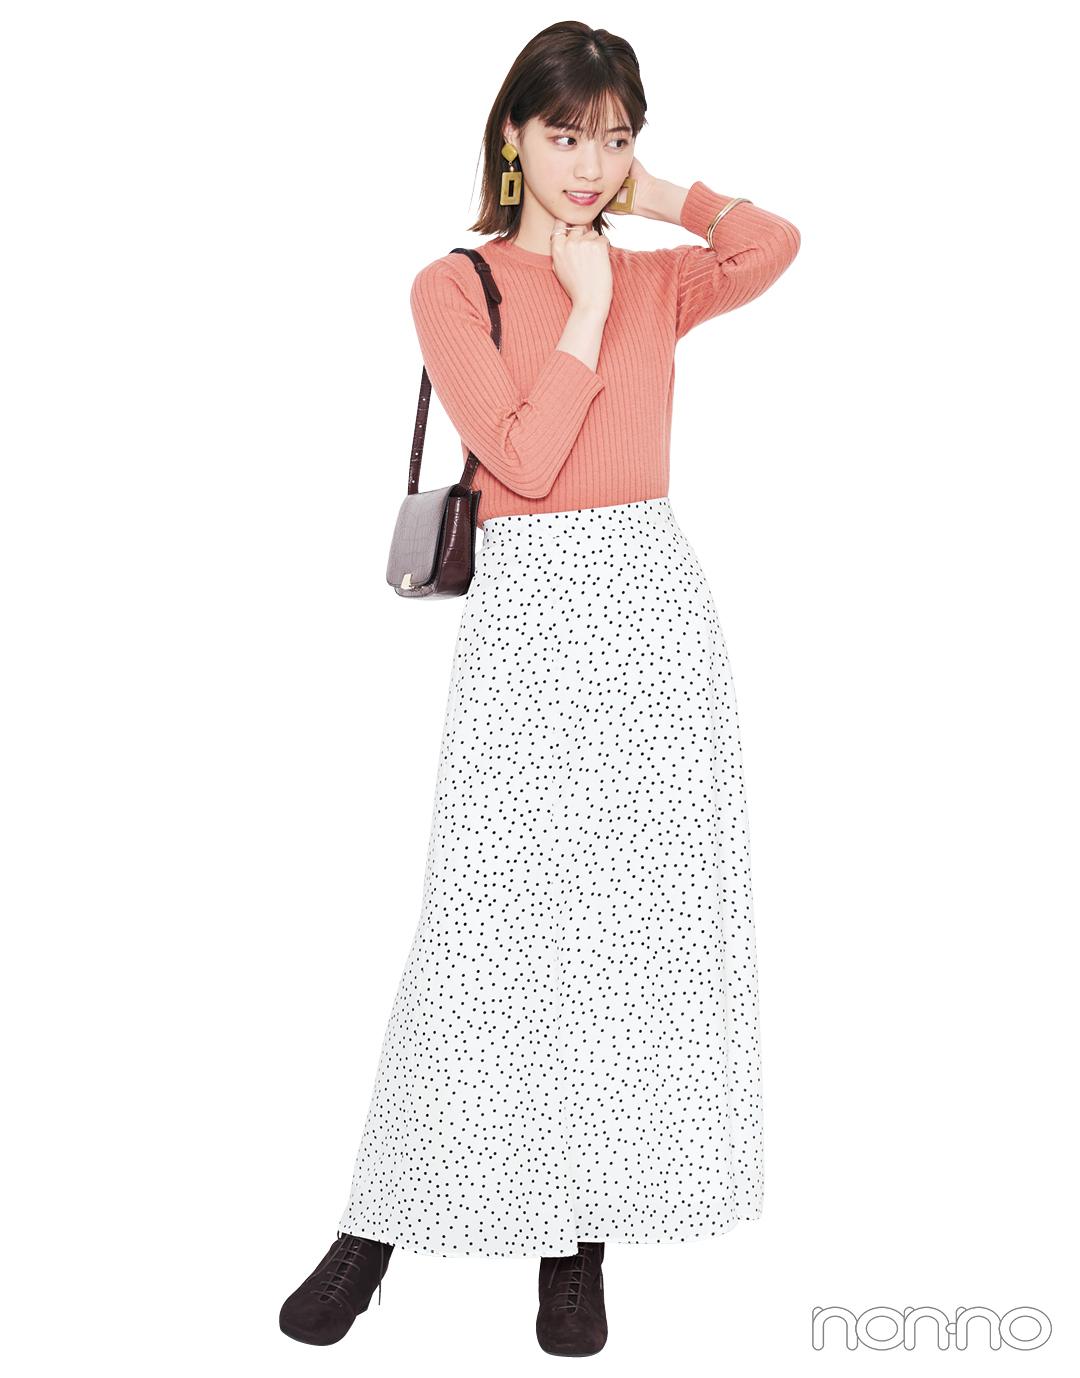 柄スカート、この秋はスリムフレアを選ぶとちょうどよく大人っぽい!_1_3-5